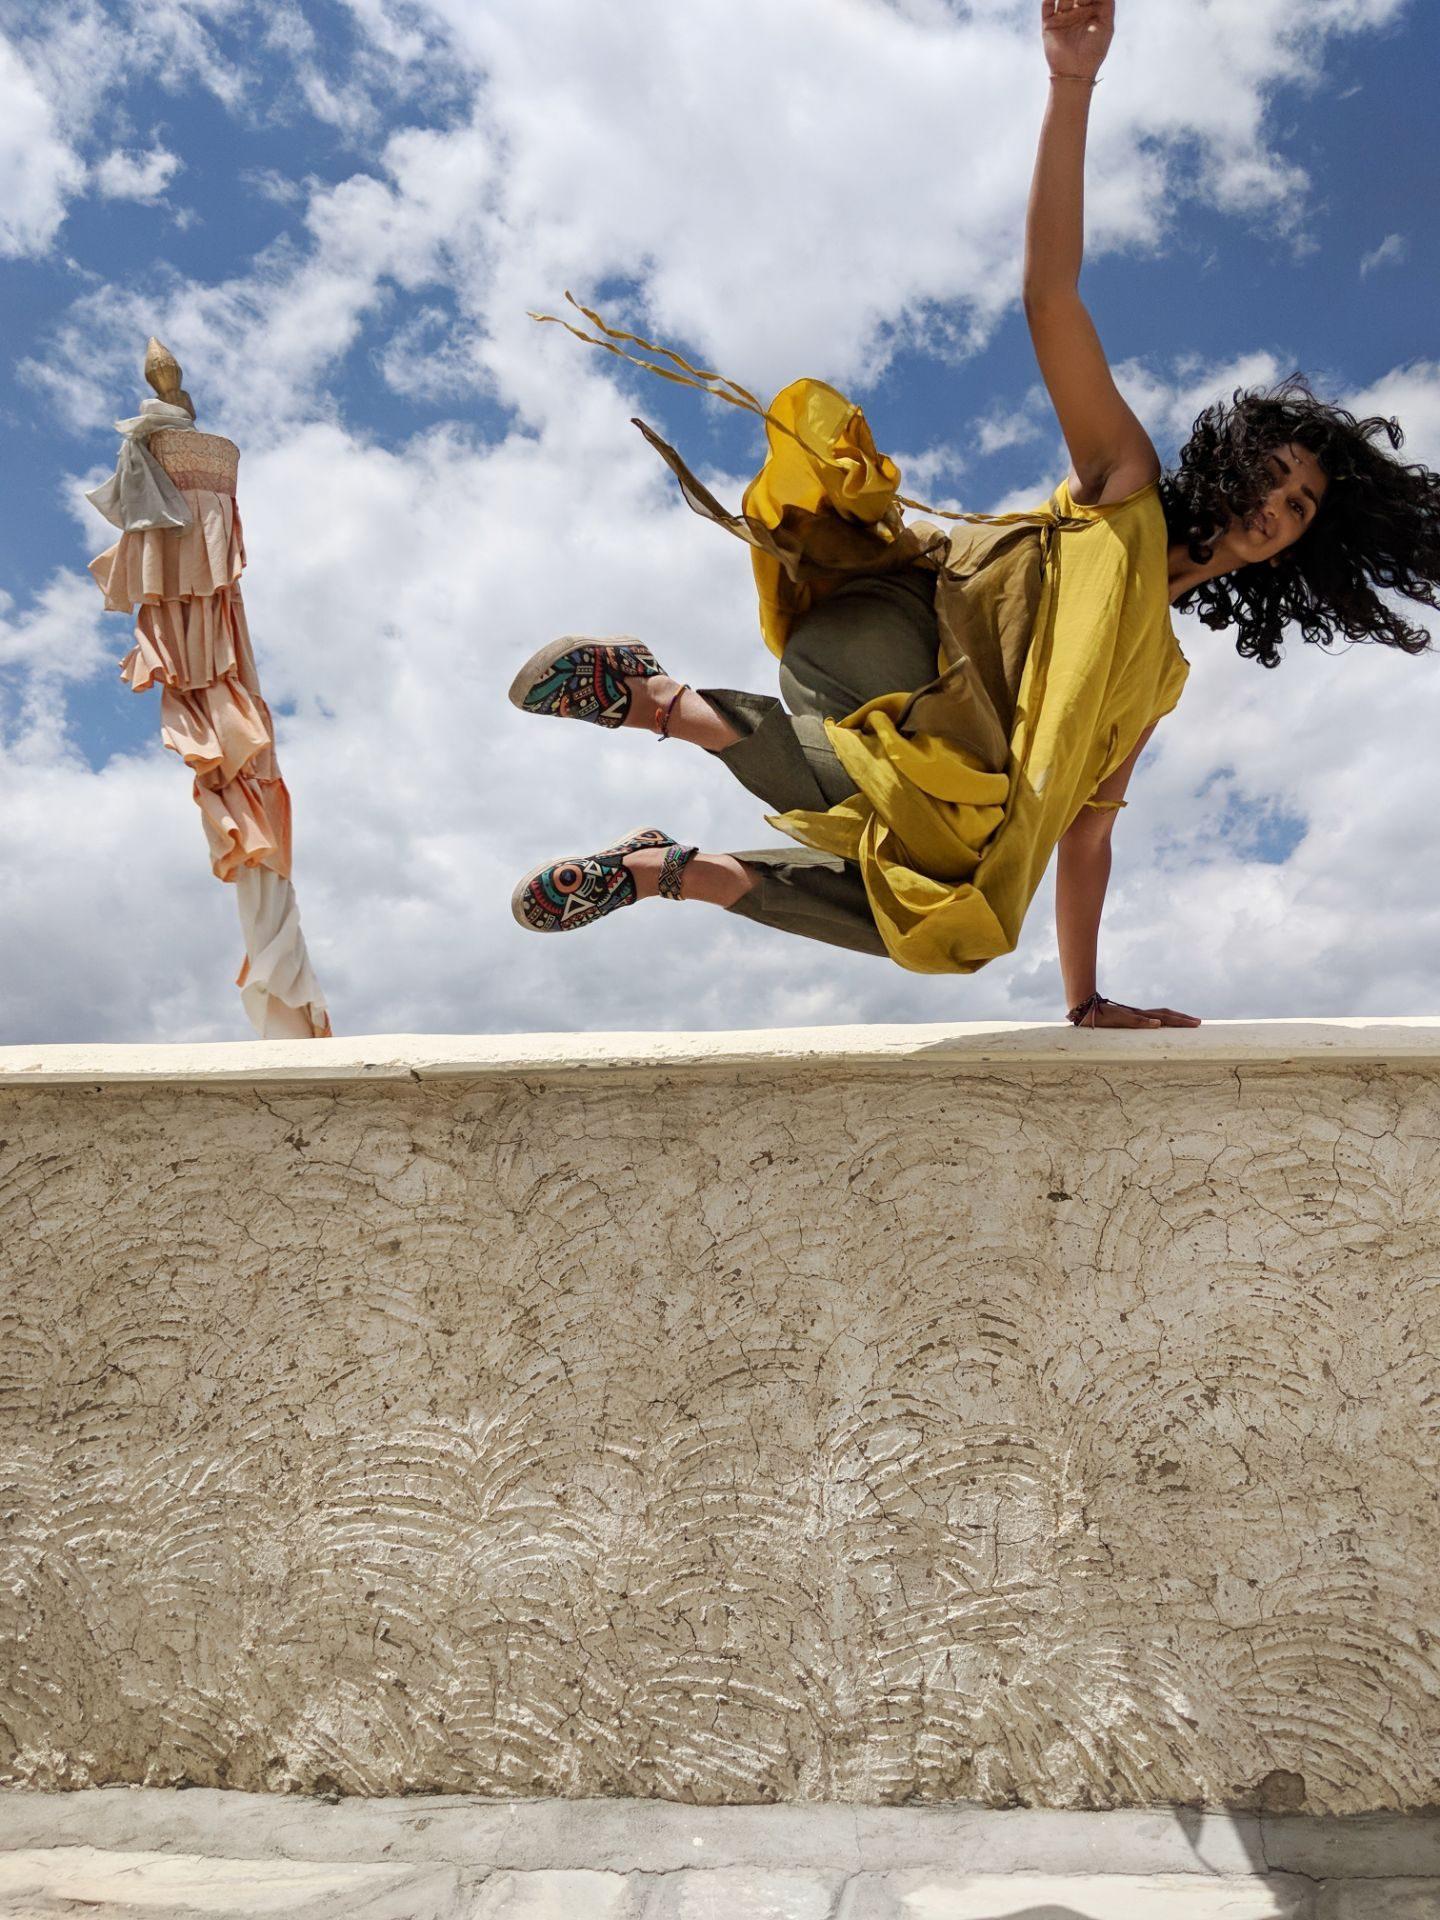 Jumping wearing yellow ladkah shot by google pixel stunt acrobatics